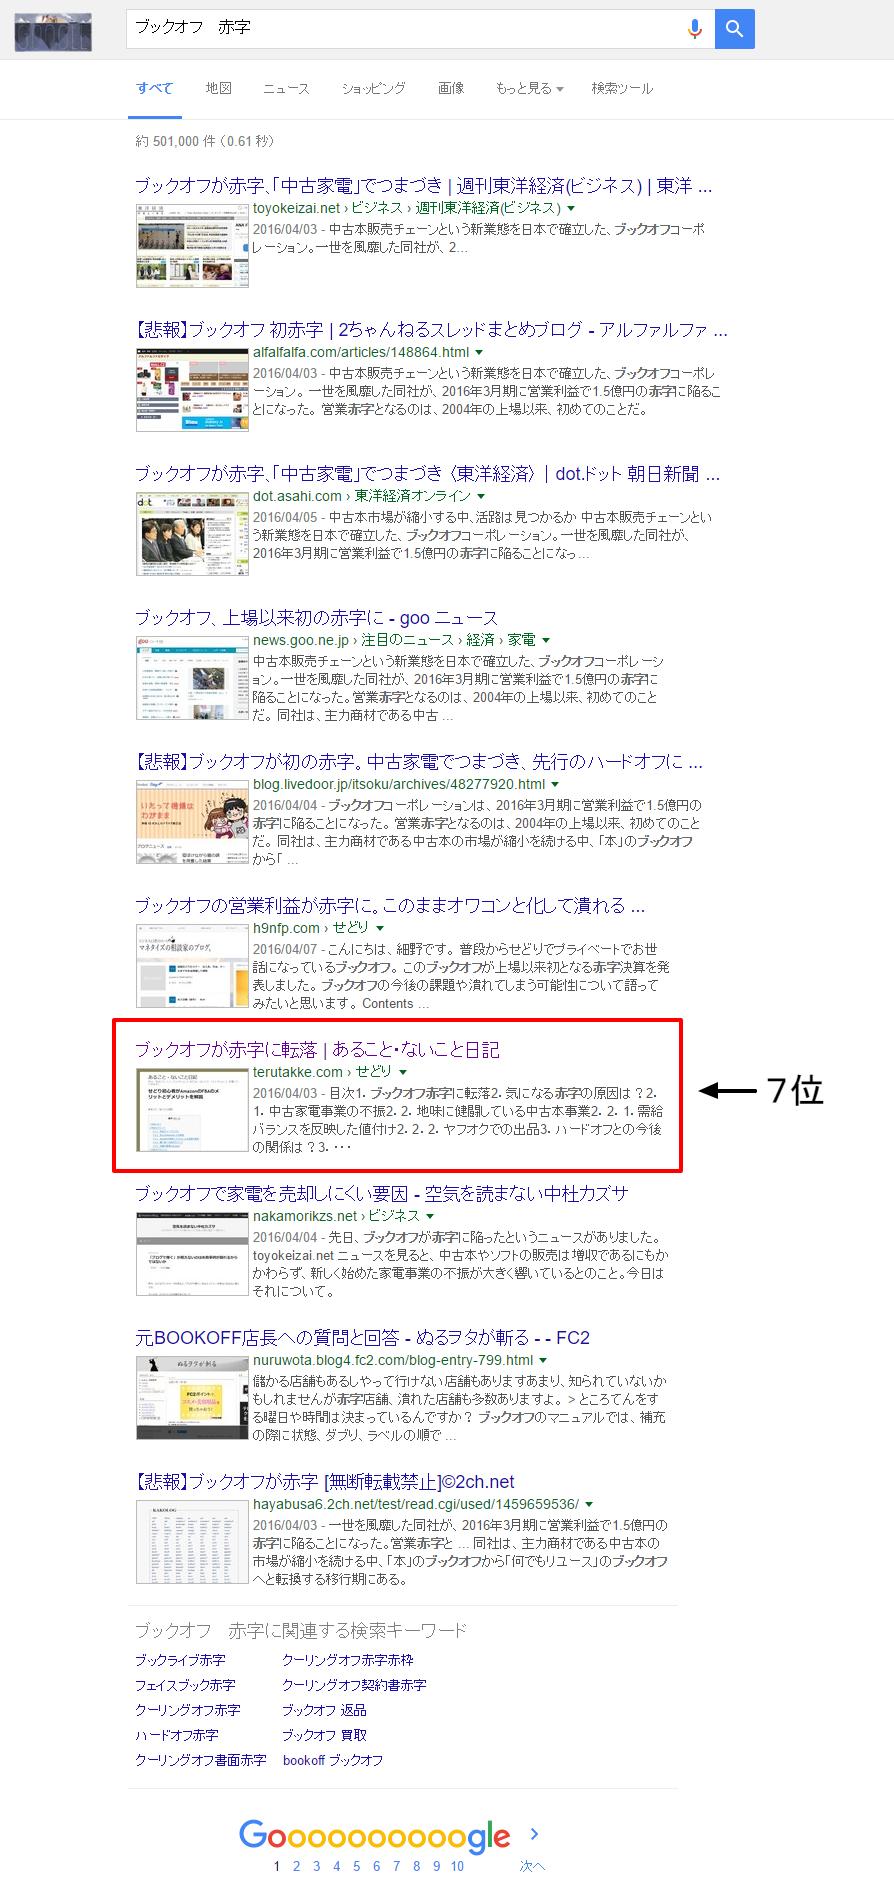 ブックオフ 赤字   Google 検索